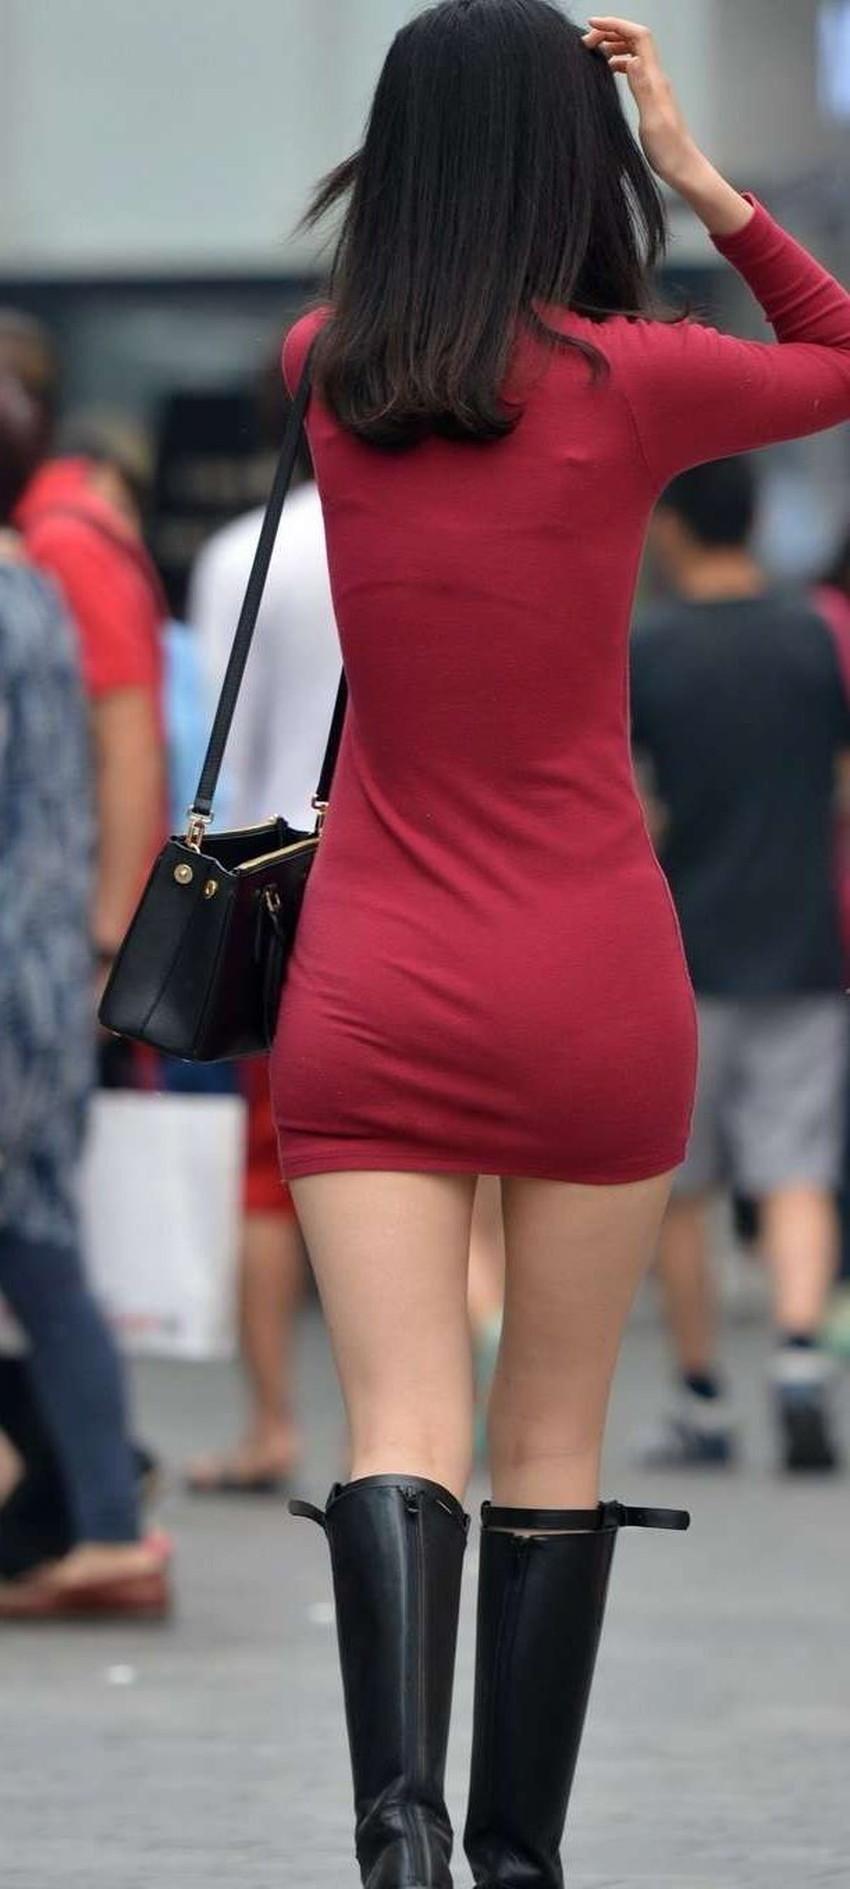 【ミニスカワンピエロ画像】ミニスカワンピ女子のパンチラを覗いたり服の中に手を突っ込み着衣セックスしてるミニスカワンピのエロ画像集!ww【80枚】 48